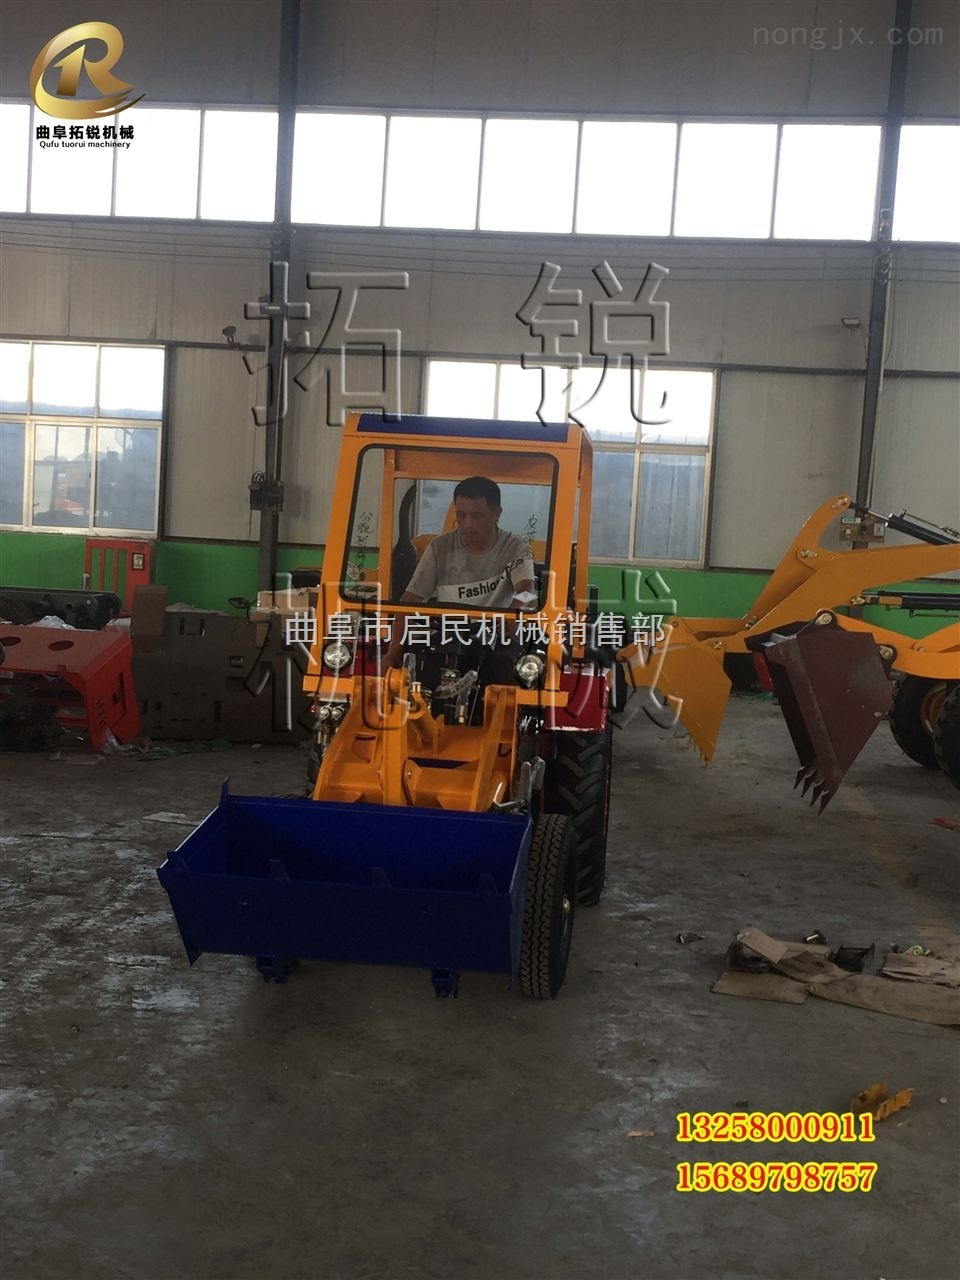 兴海县小型挖掘装载机厂家批发价格 启民工程挖掘机